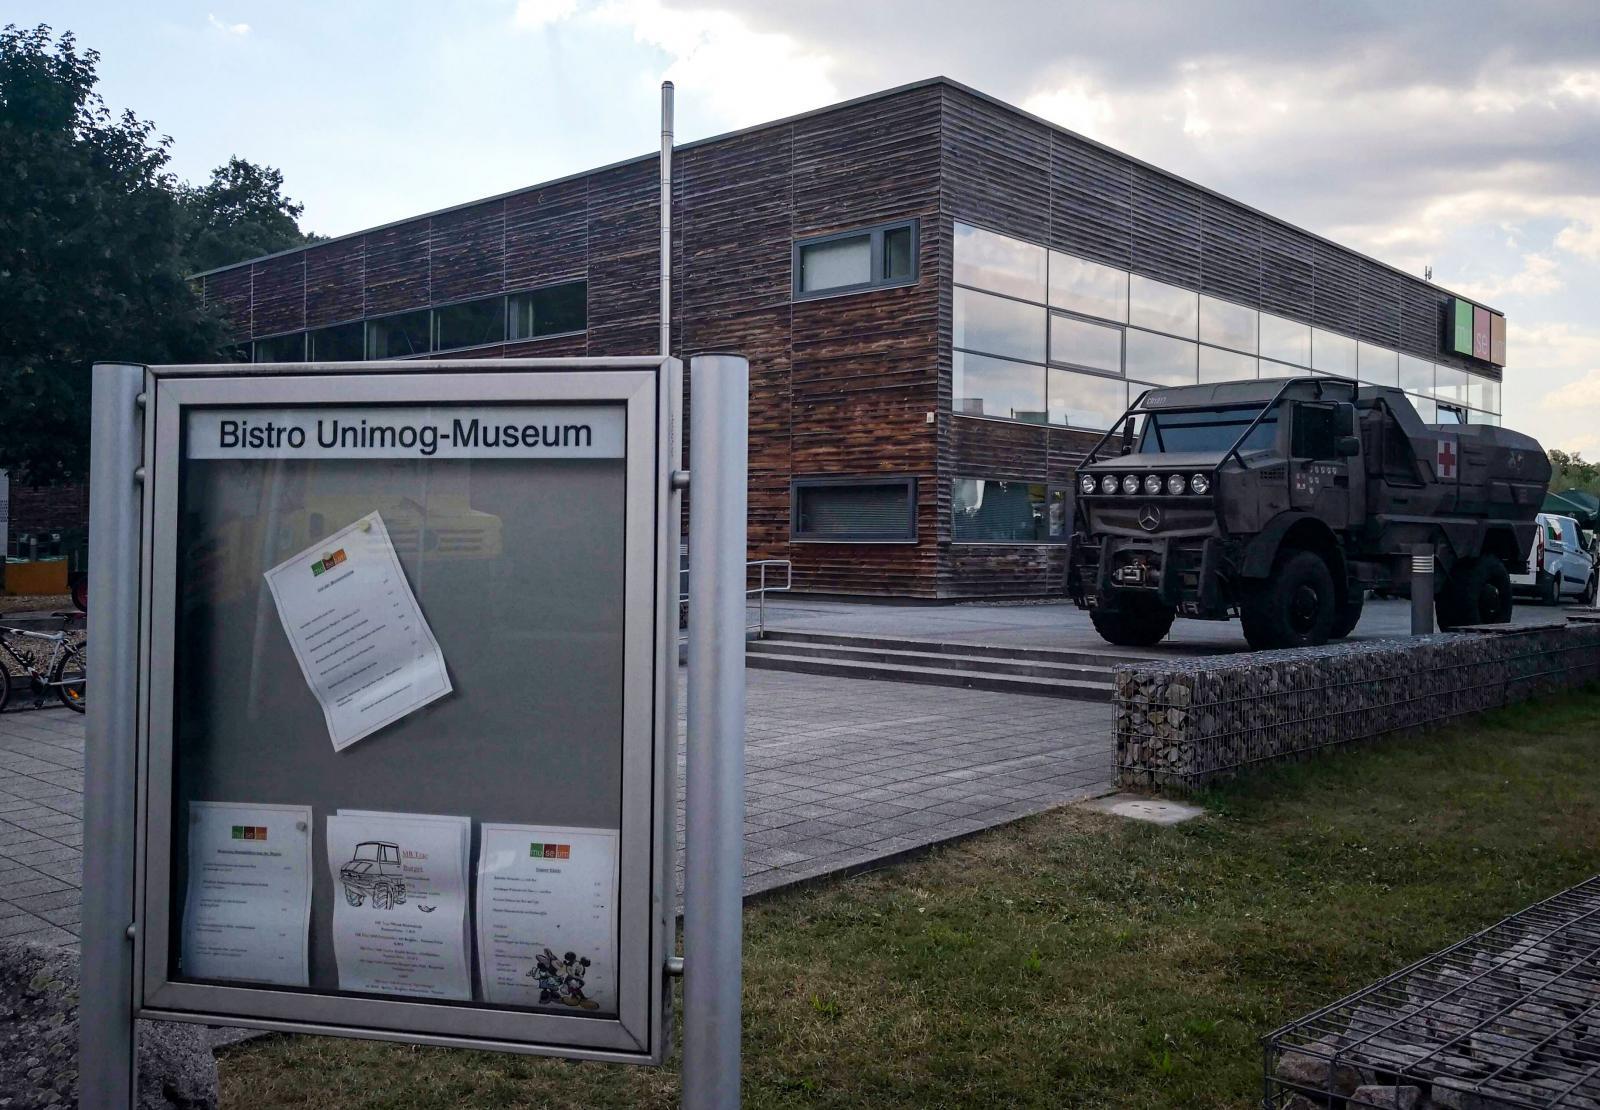 Unimog byggs inte i Gaggenau där museet finns. Sedan 2002 byggs de i Mercedes fabrik i Wörth.